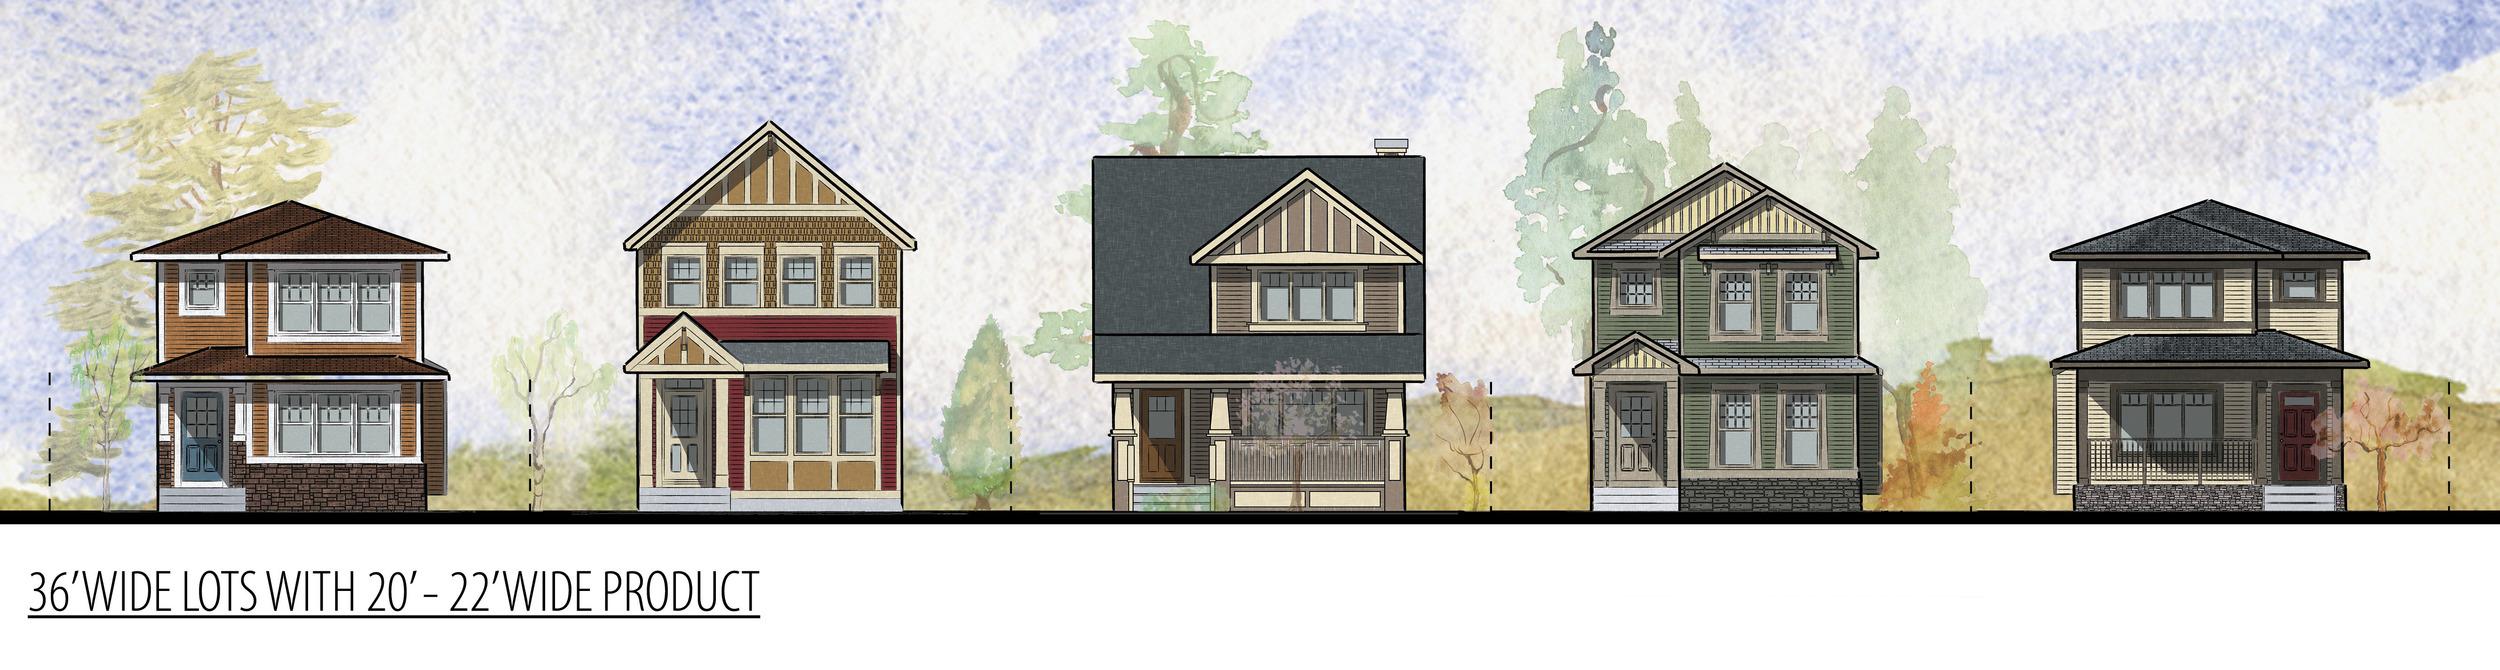 PrairiesEdge-StreetScape-22Wide-Elevations-12-05-2011.jpg